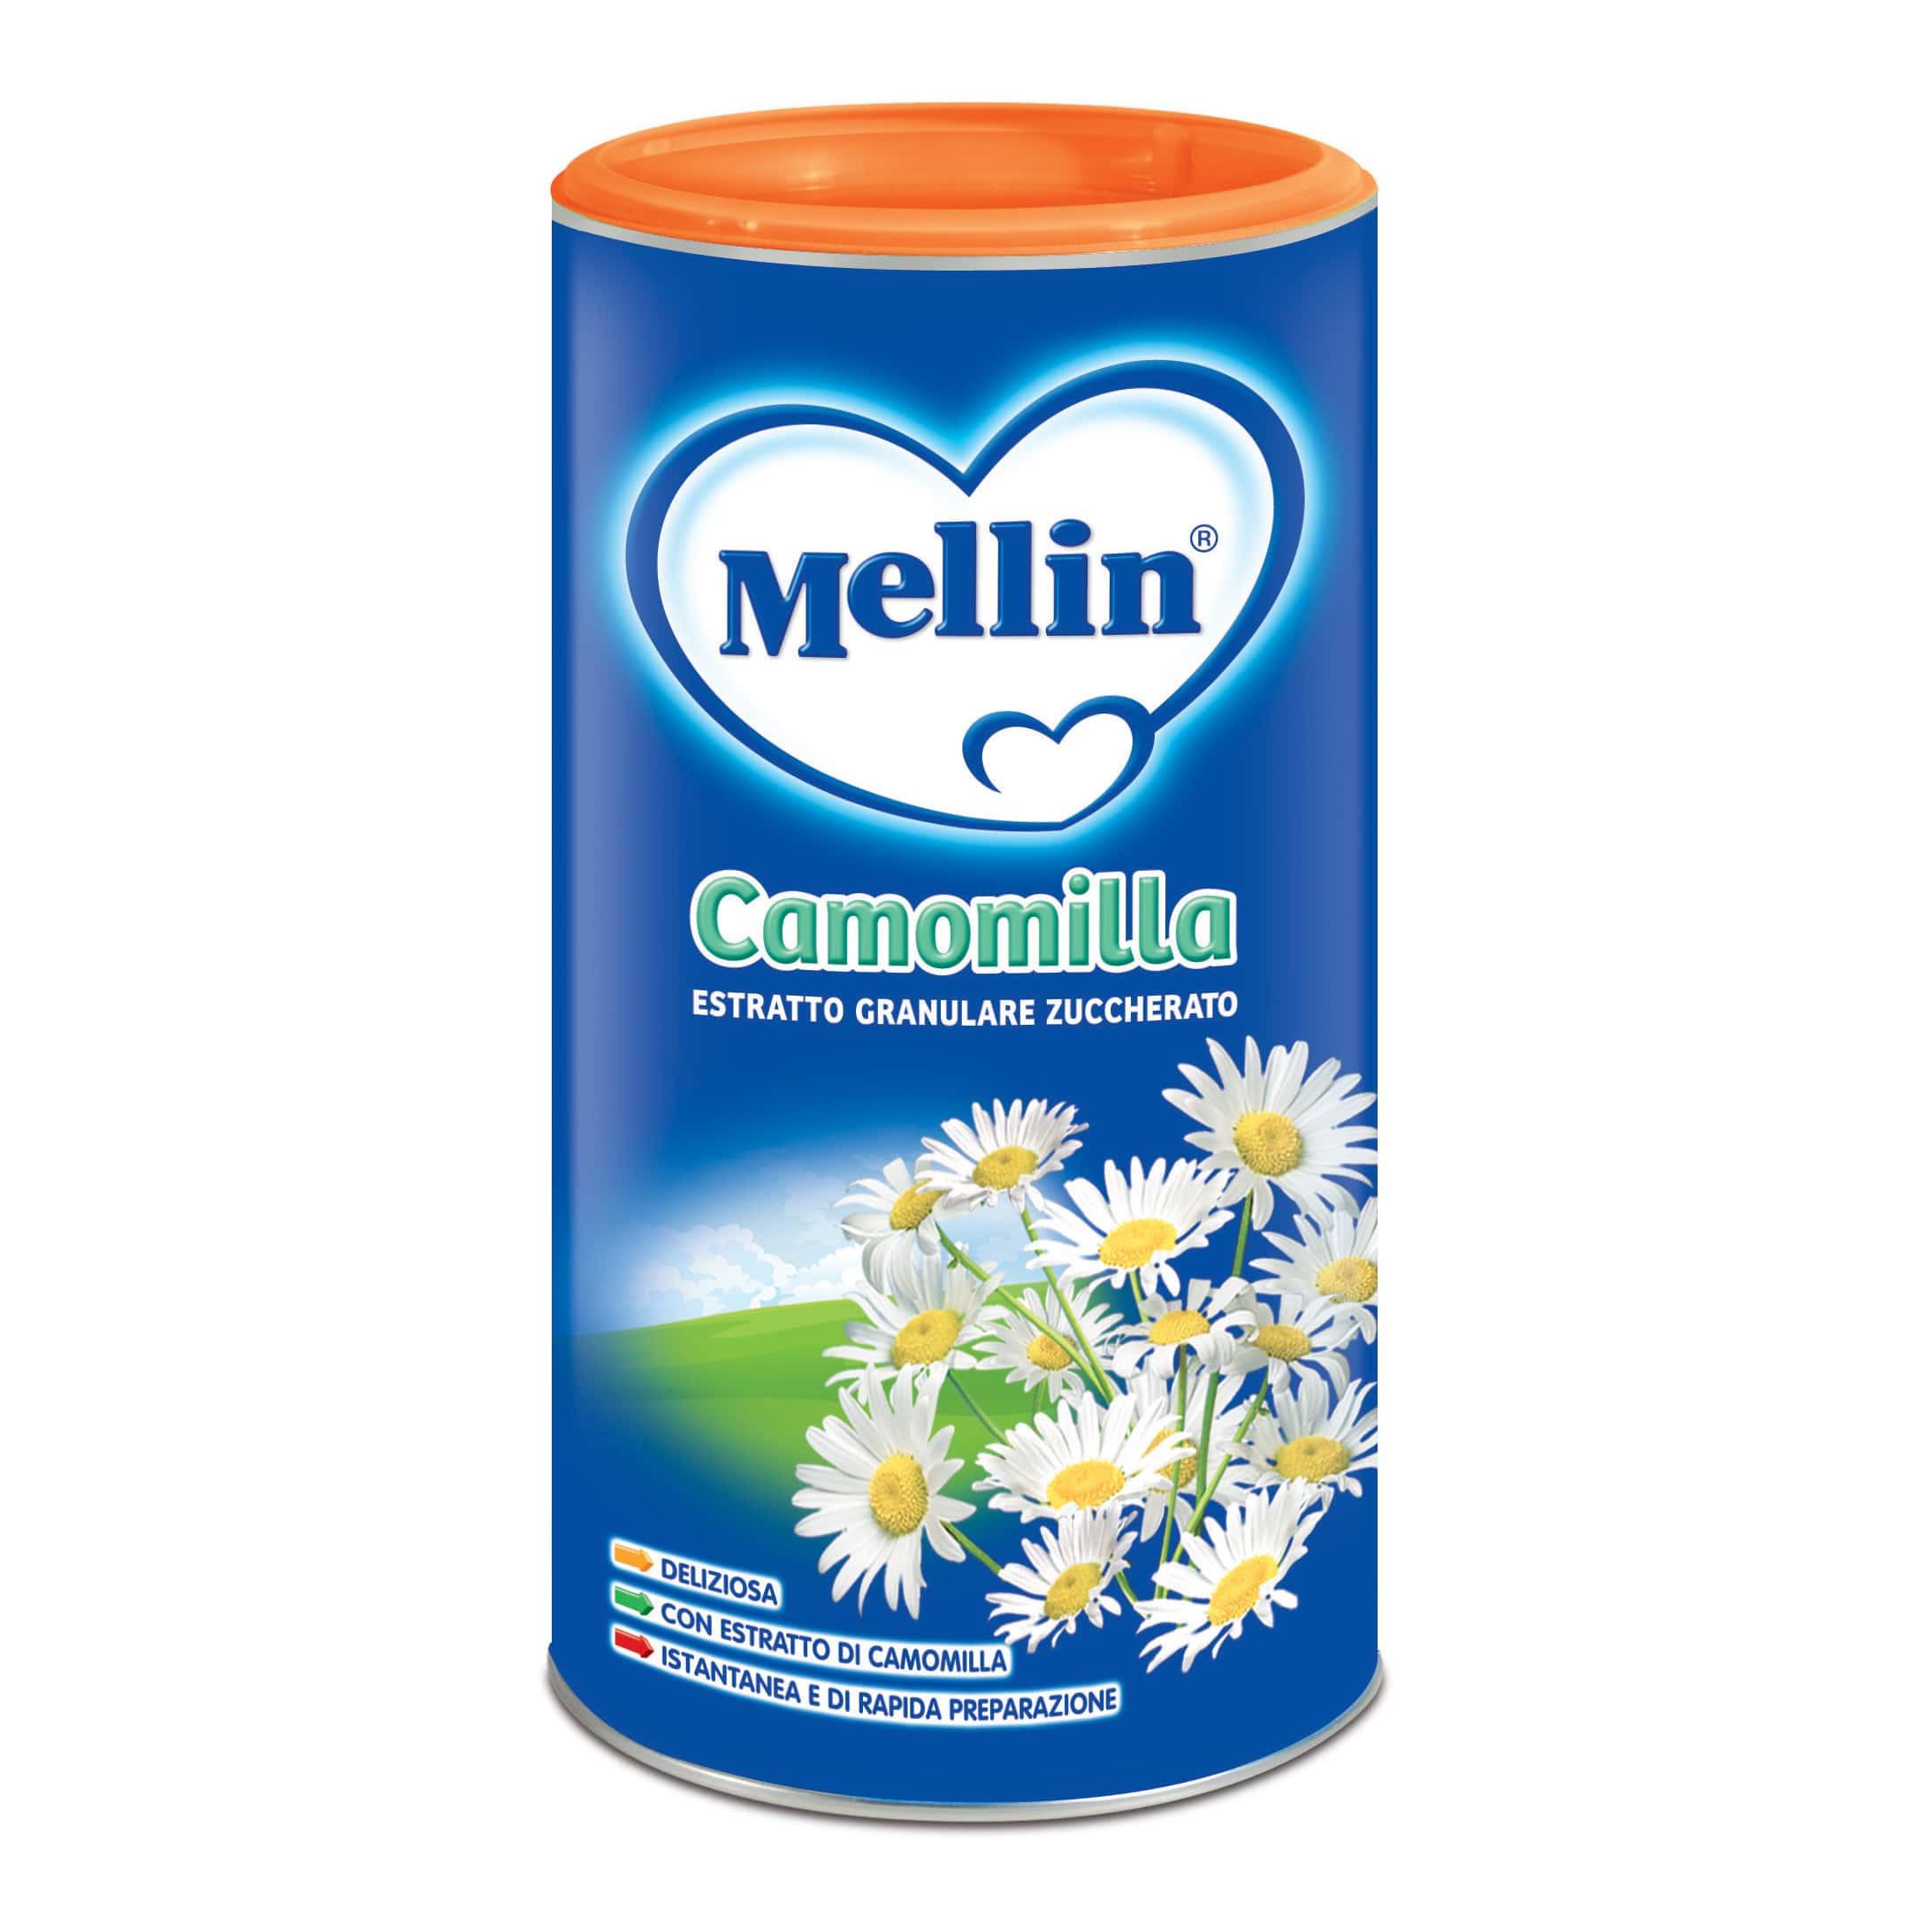 Camomilla Granulare Mellin - 200 g